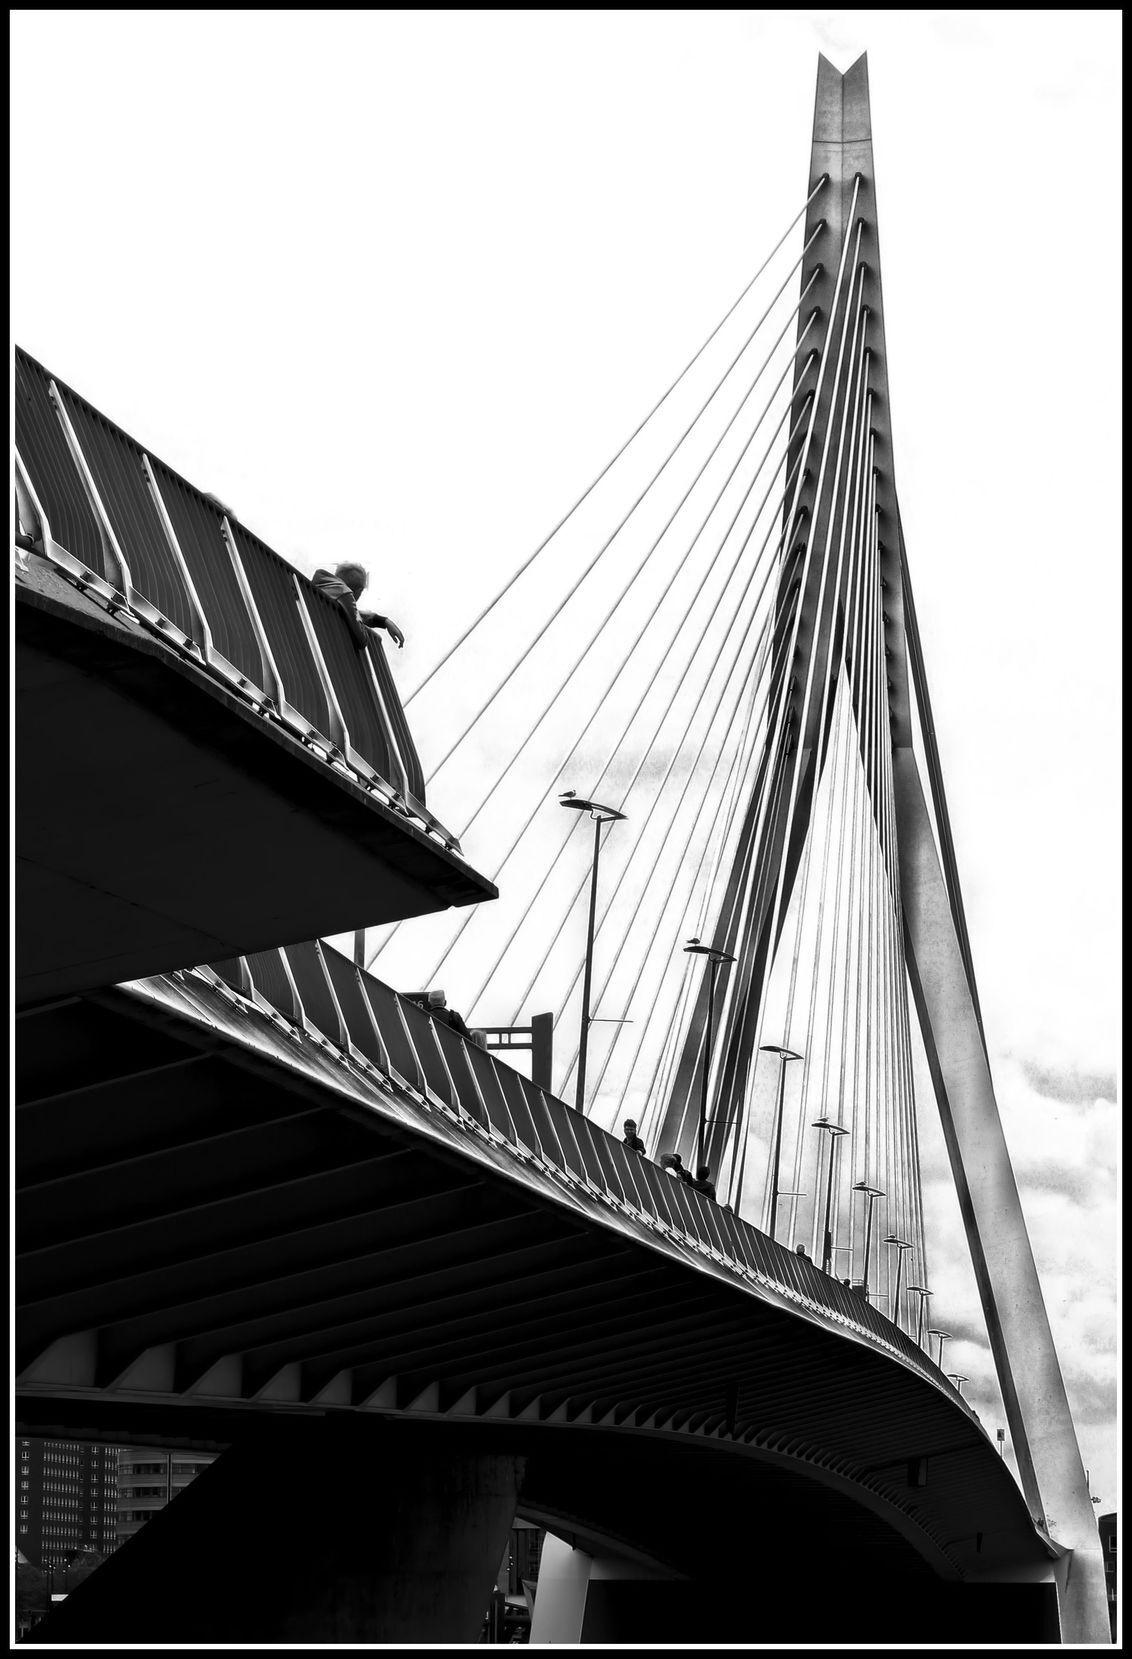 Erasmusbrug Rotterdam - - - foto door jelle13 op 20-02-2021 - deze foto bevat: licht, bewerkt, silhouet, bewerking, zwartwit, contrast, creatief